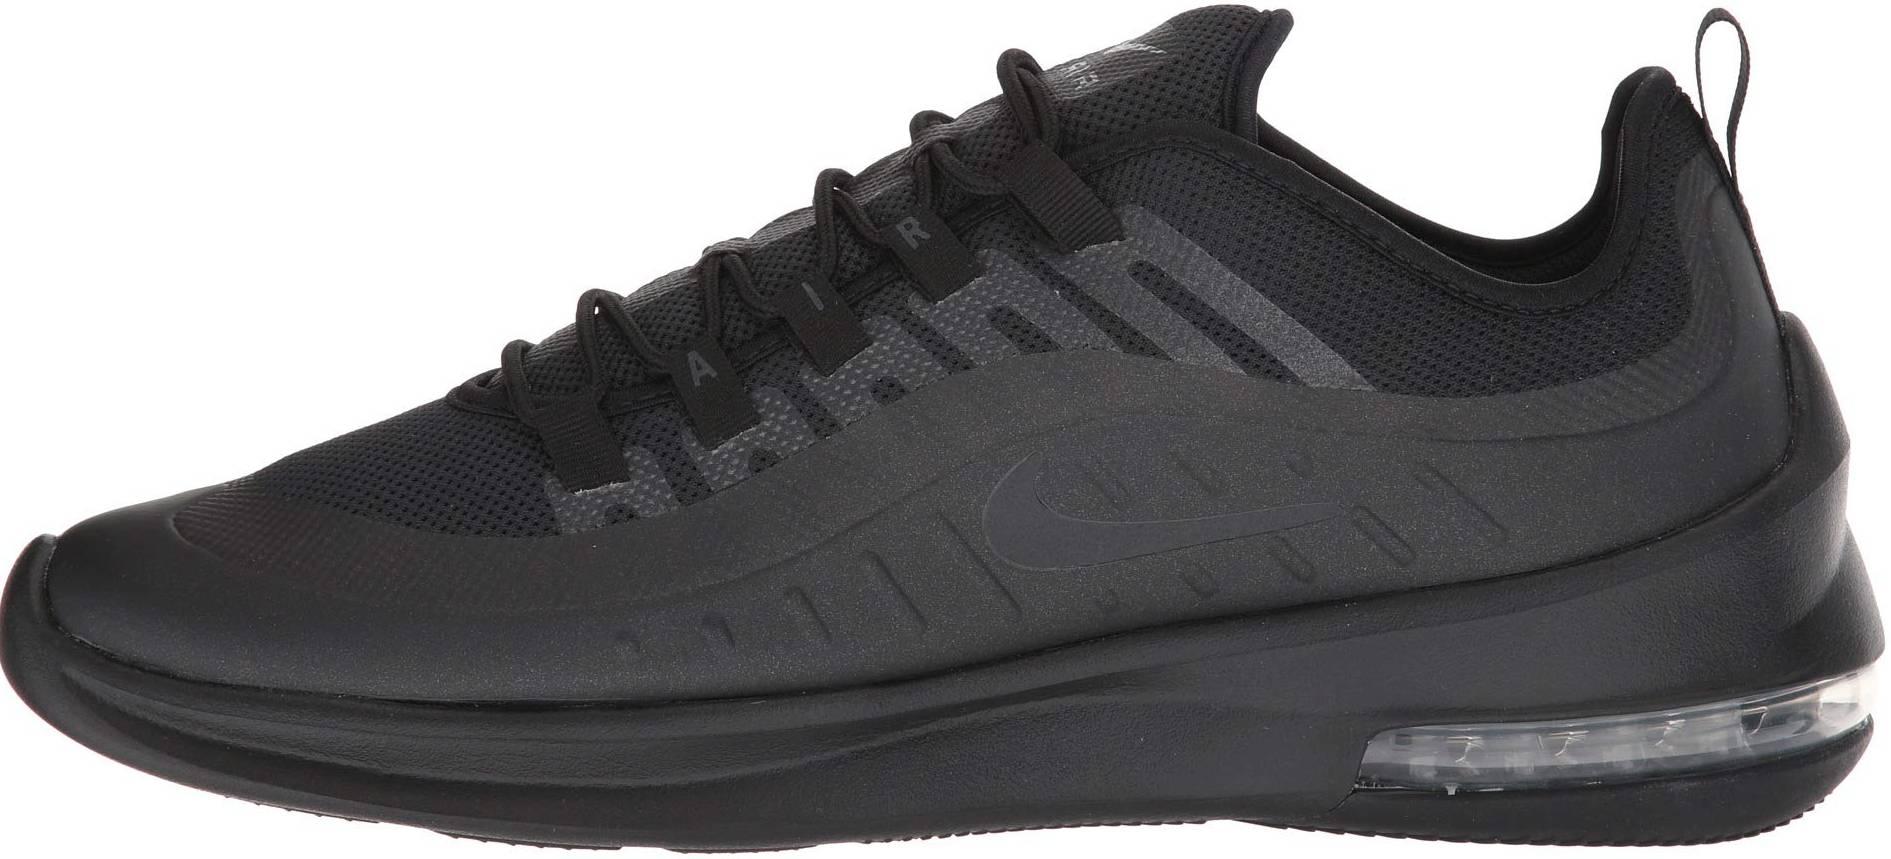 Nike Air Max Axis sneakers in 5 colors | RunRepeat